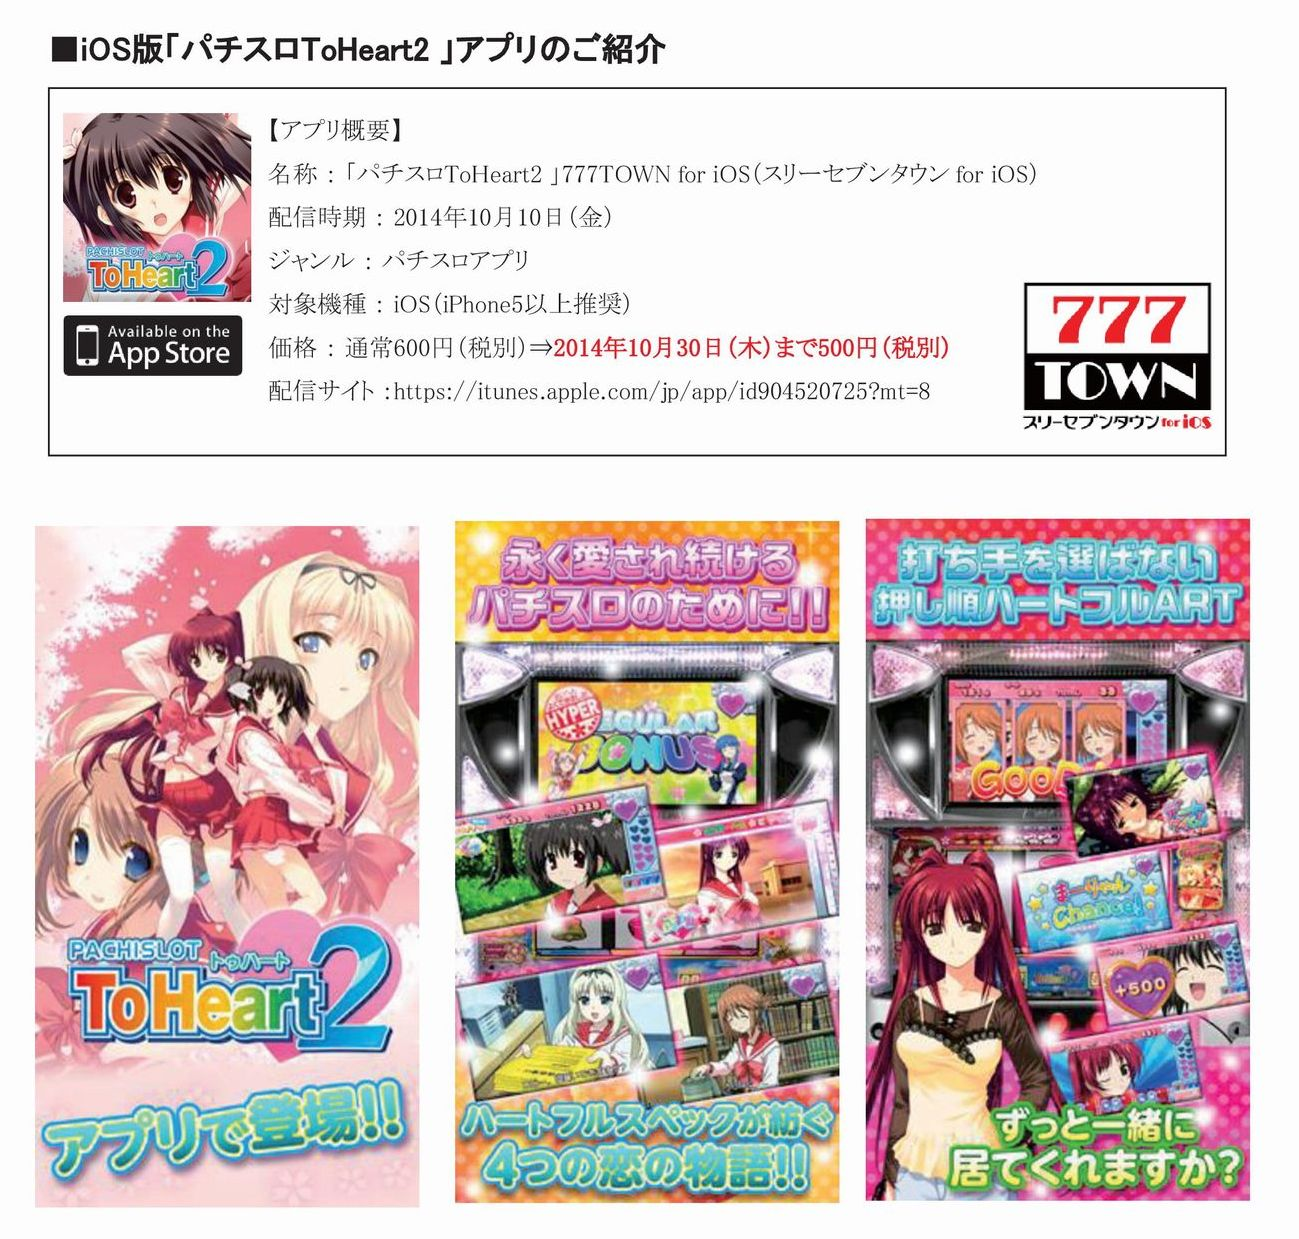 【iOS】パチスロToHeart2_プレスリリース-0002